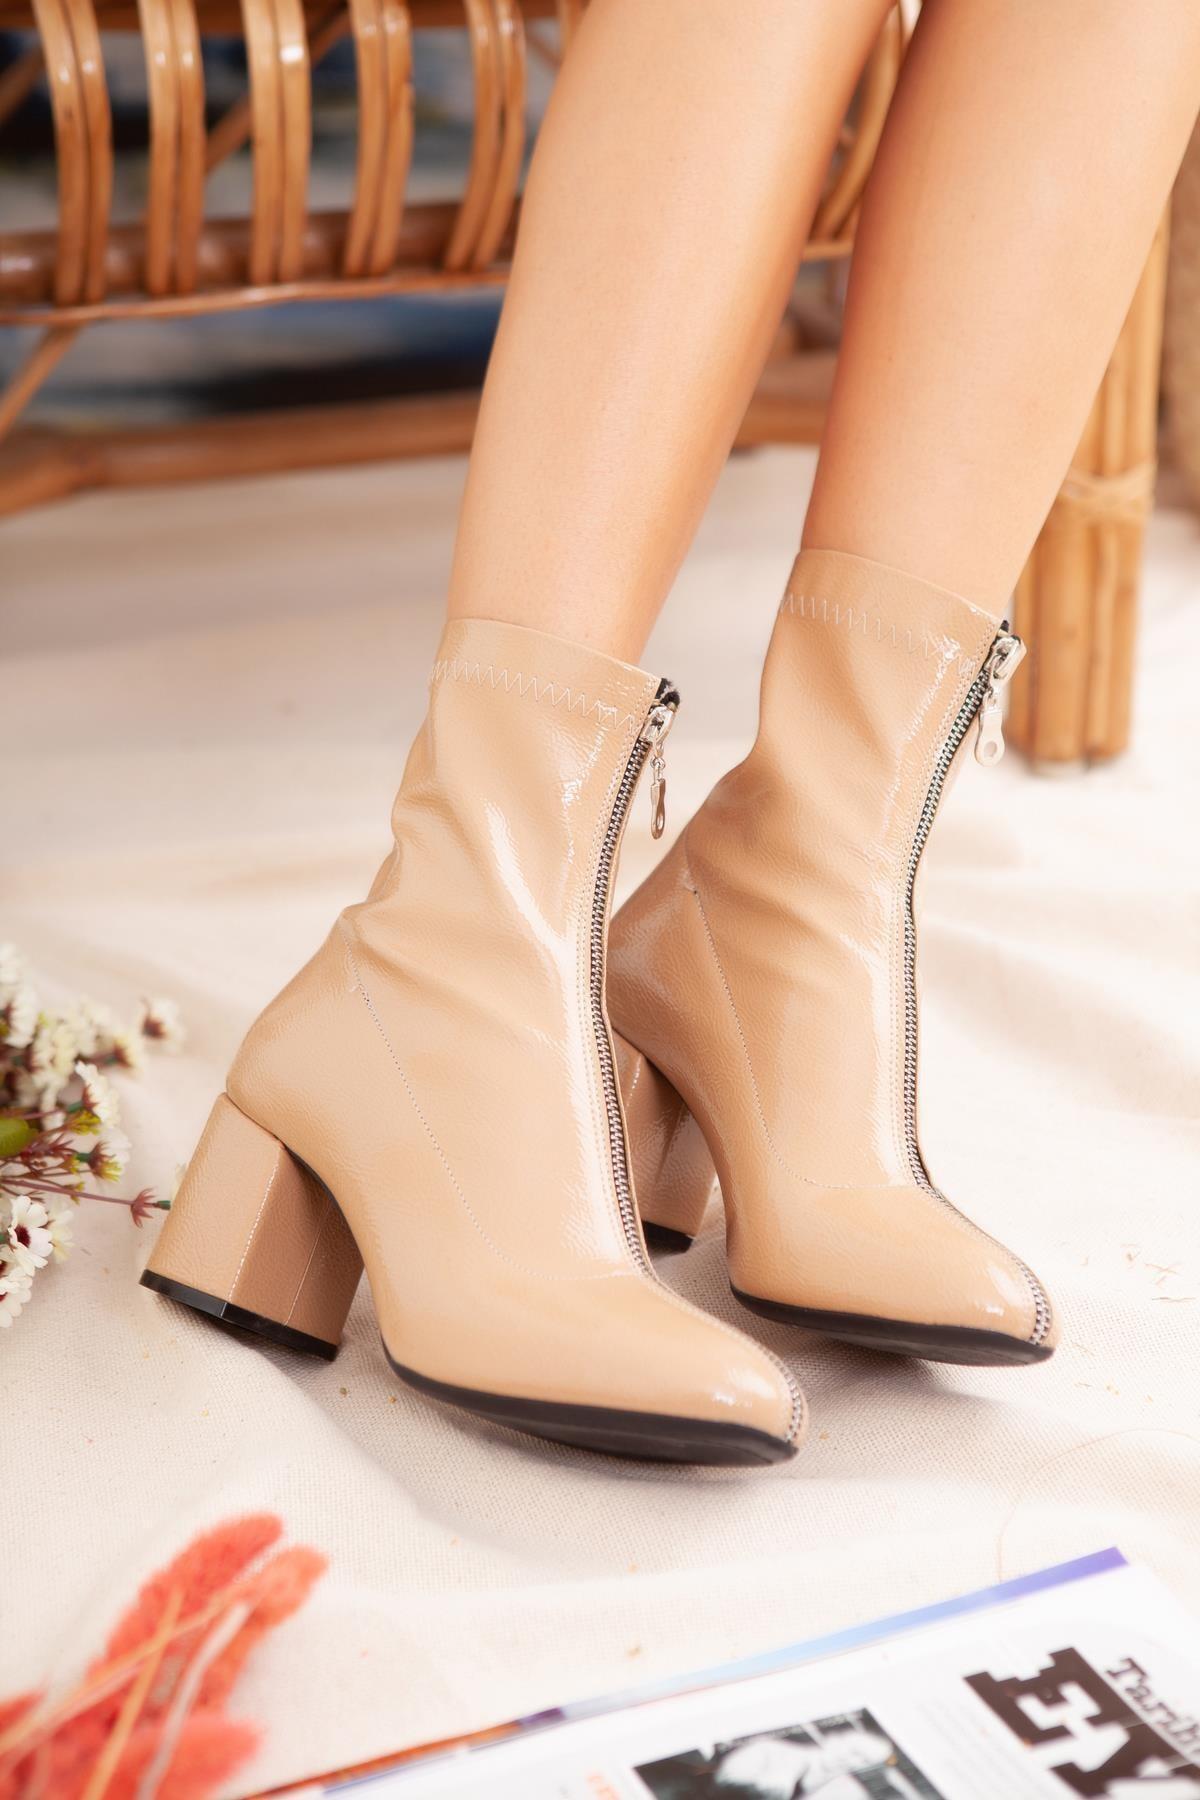 Jilberto Limoya Kadın Ayakkabı